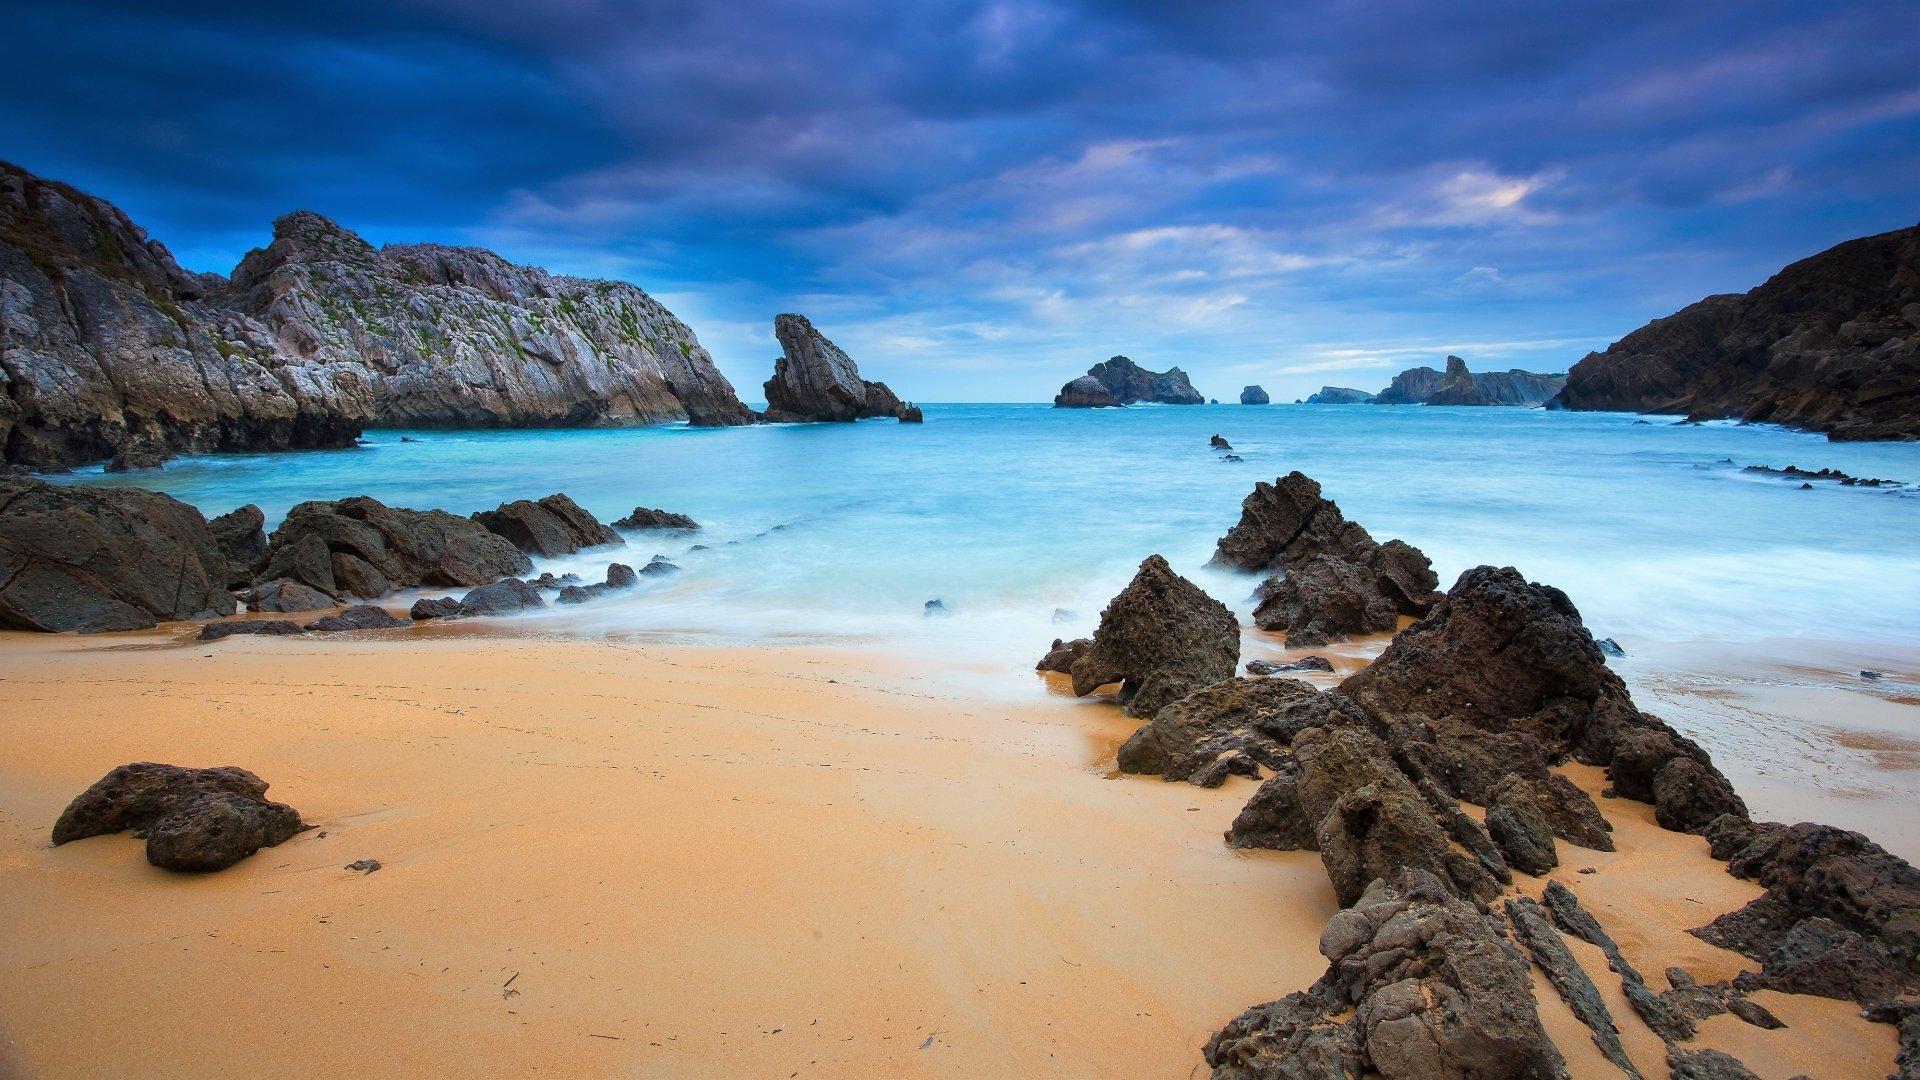 Wallpaper Rocky Beach Desktop Wallpapers: Low Tide On Rocky Beach 4k Ultra HD Wallpaper